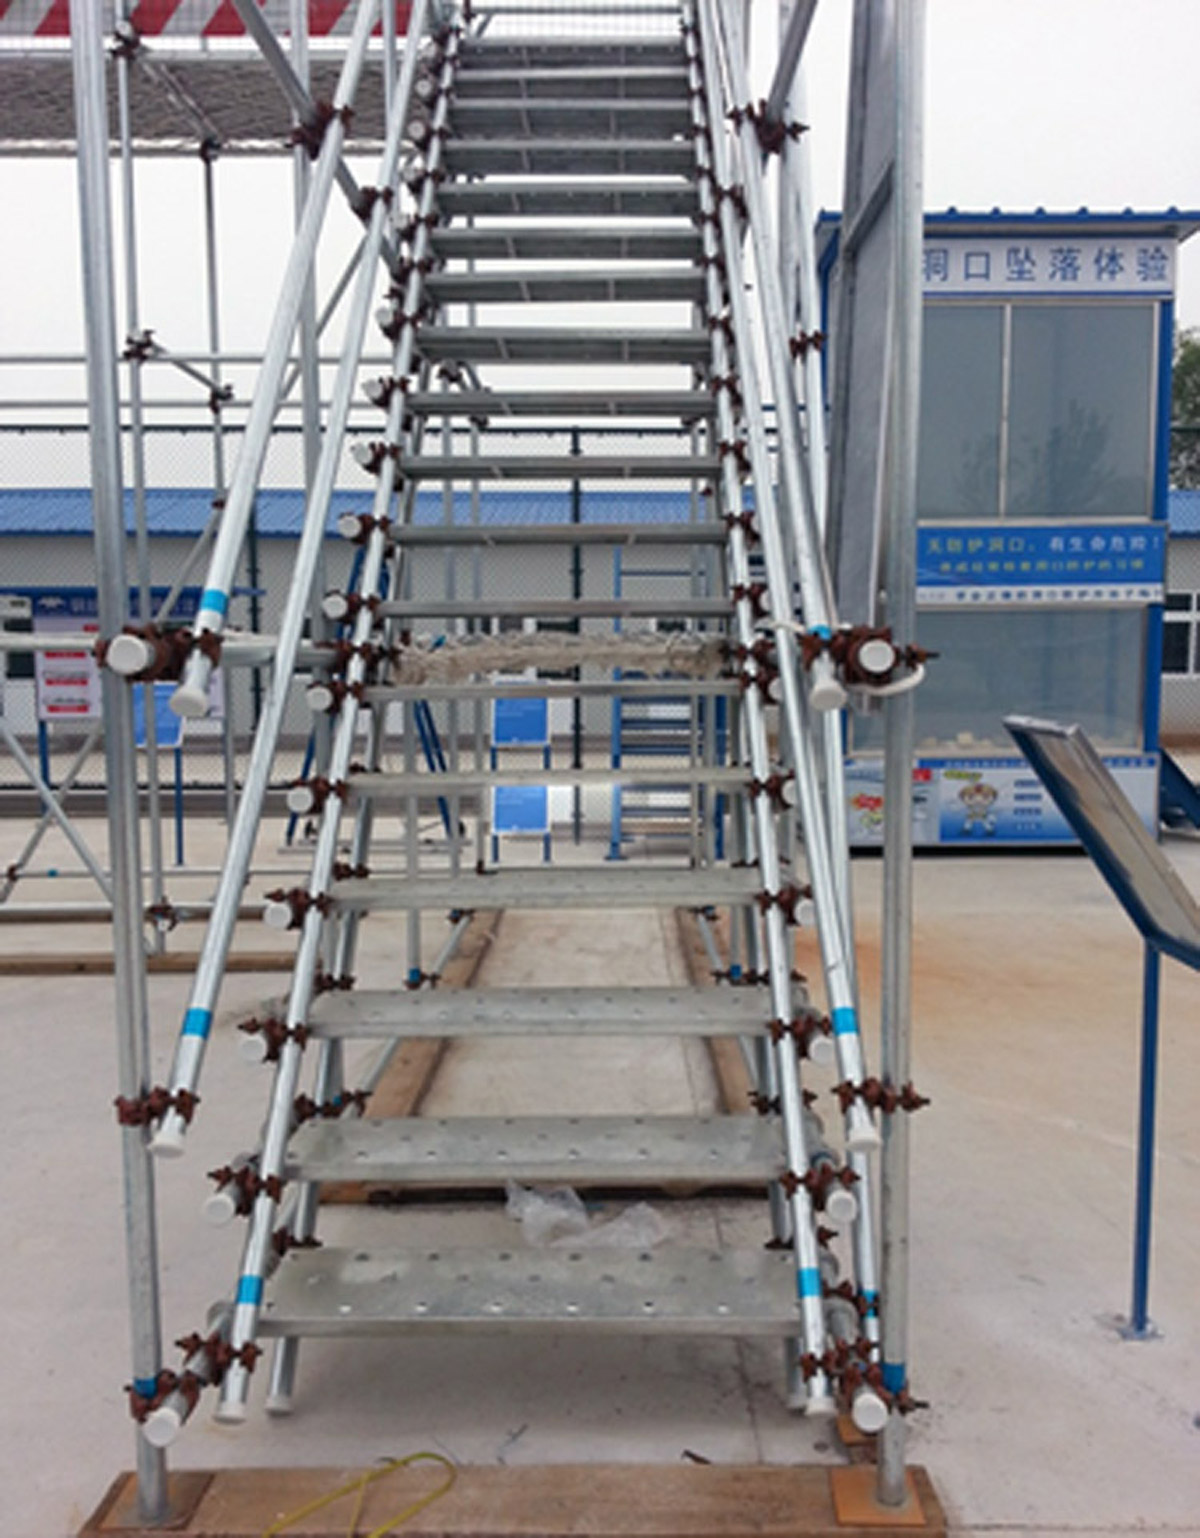 宜宾安全体验标准楼梯体验